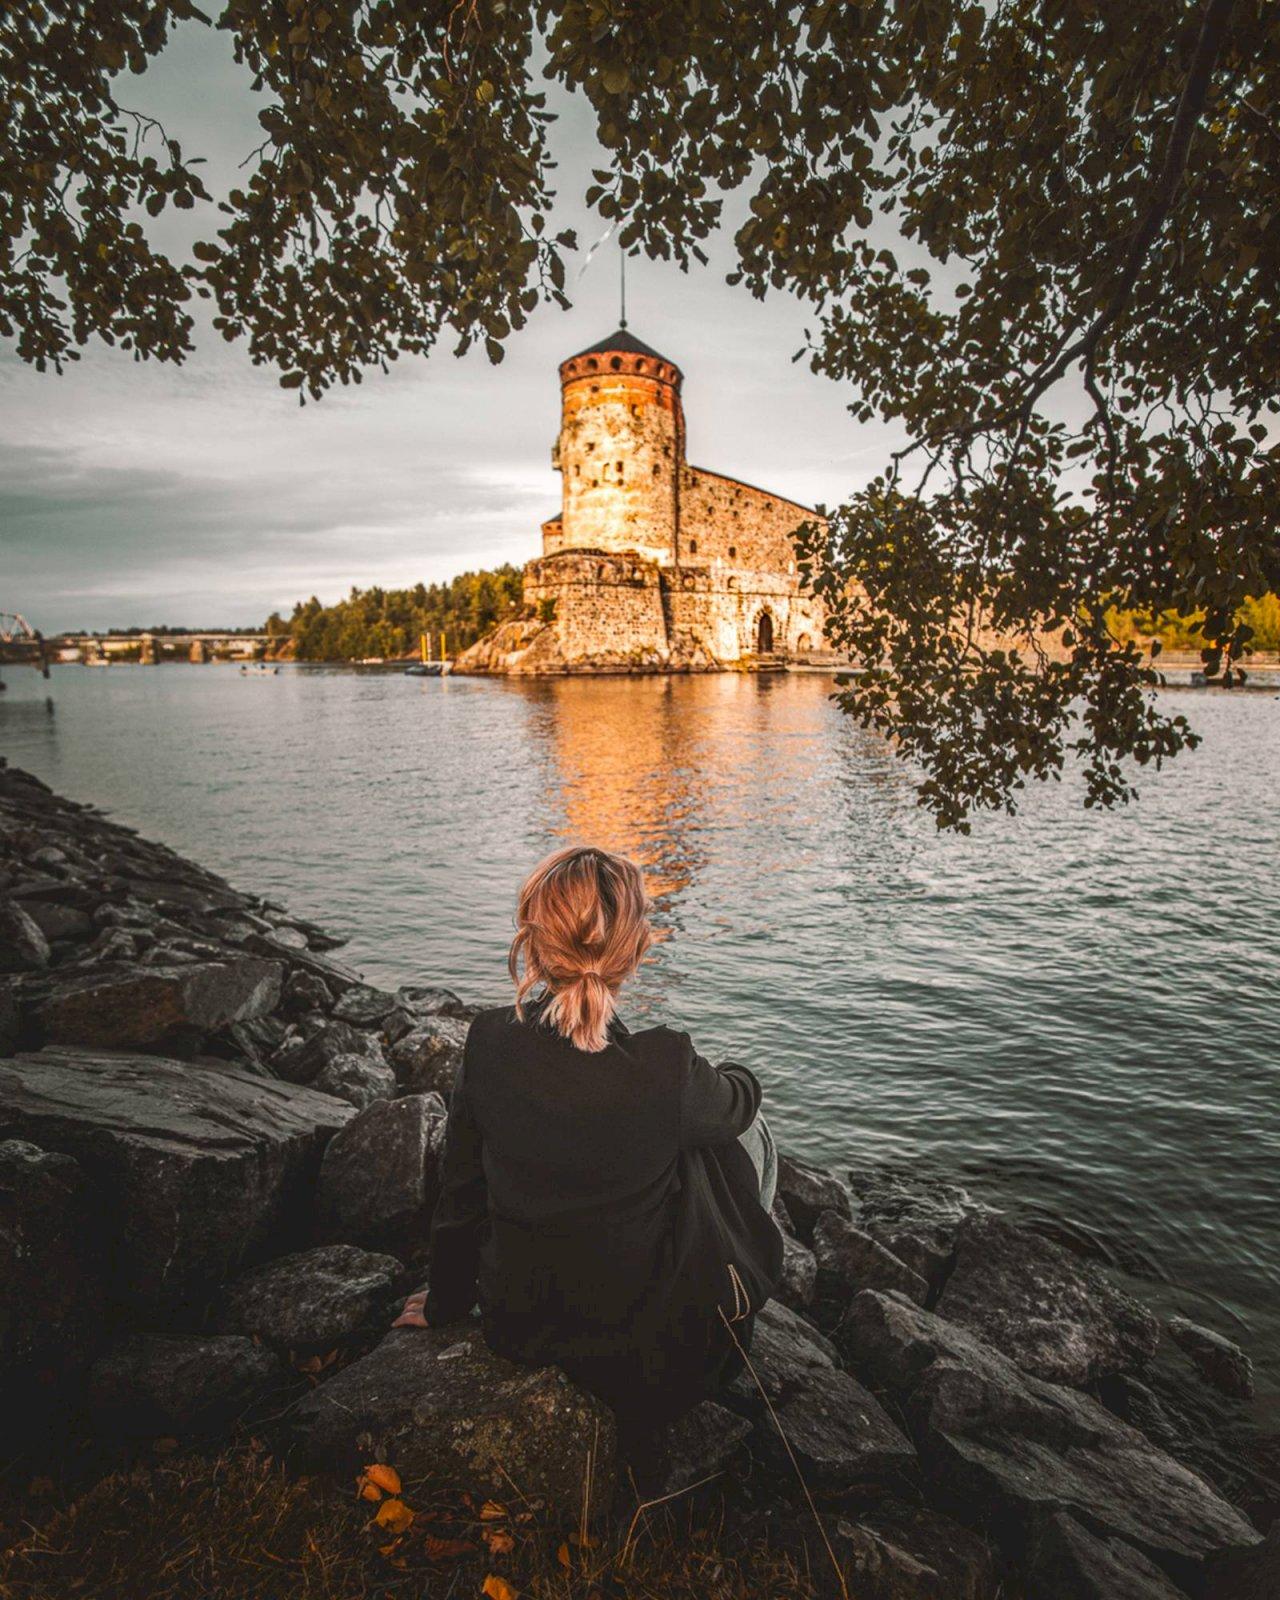 Nainen istuu rantakalliolla ja katselee veden ympäröimää Olavinlinnaa.